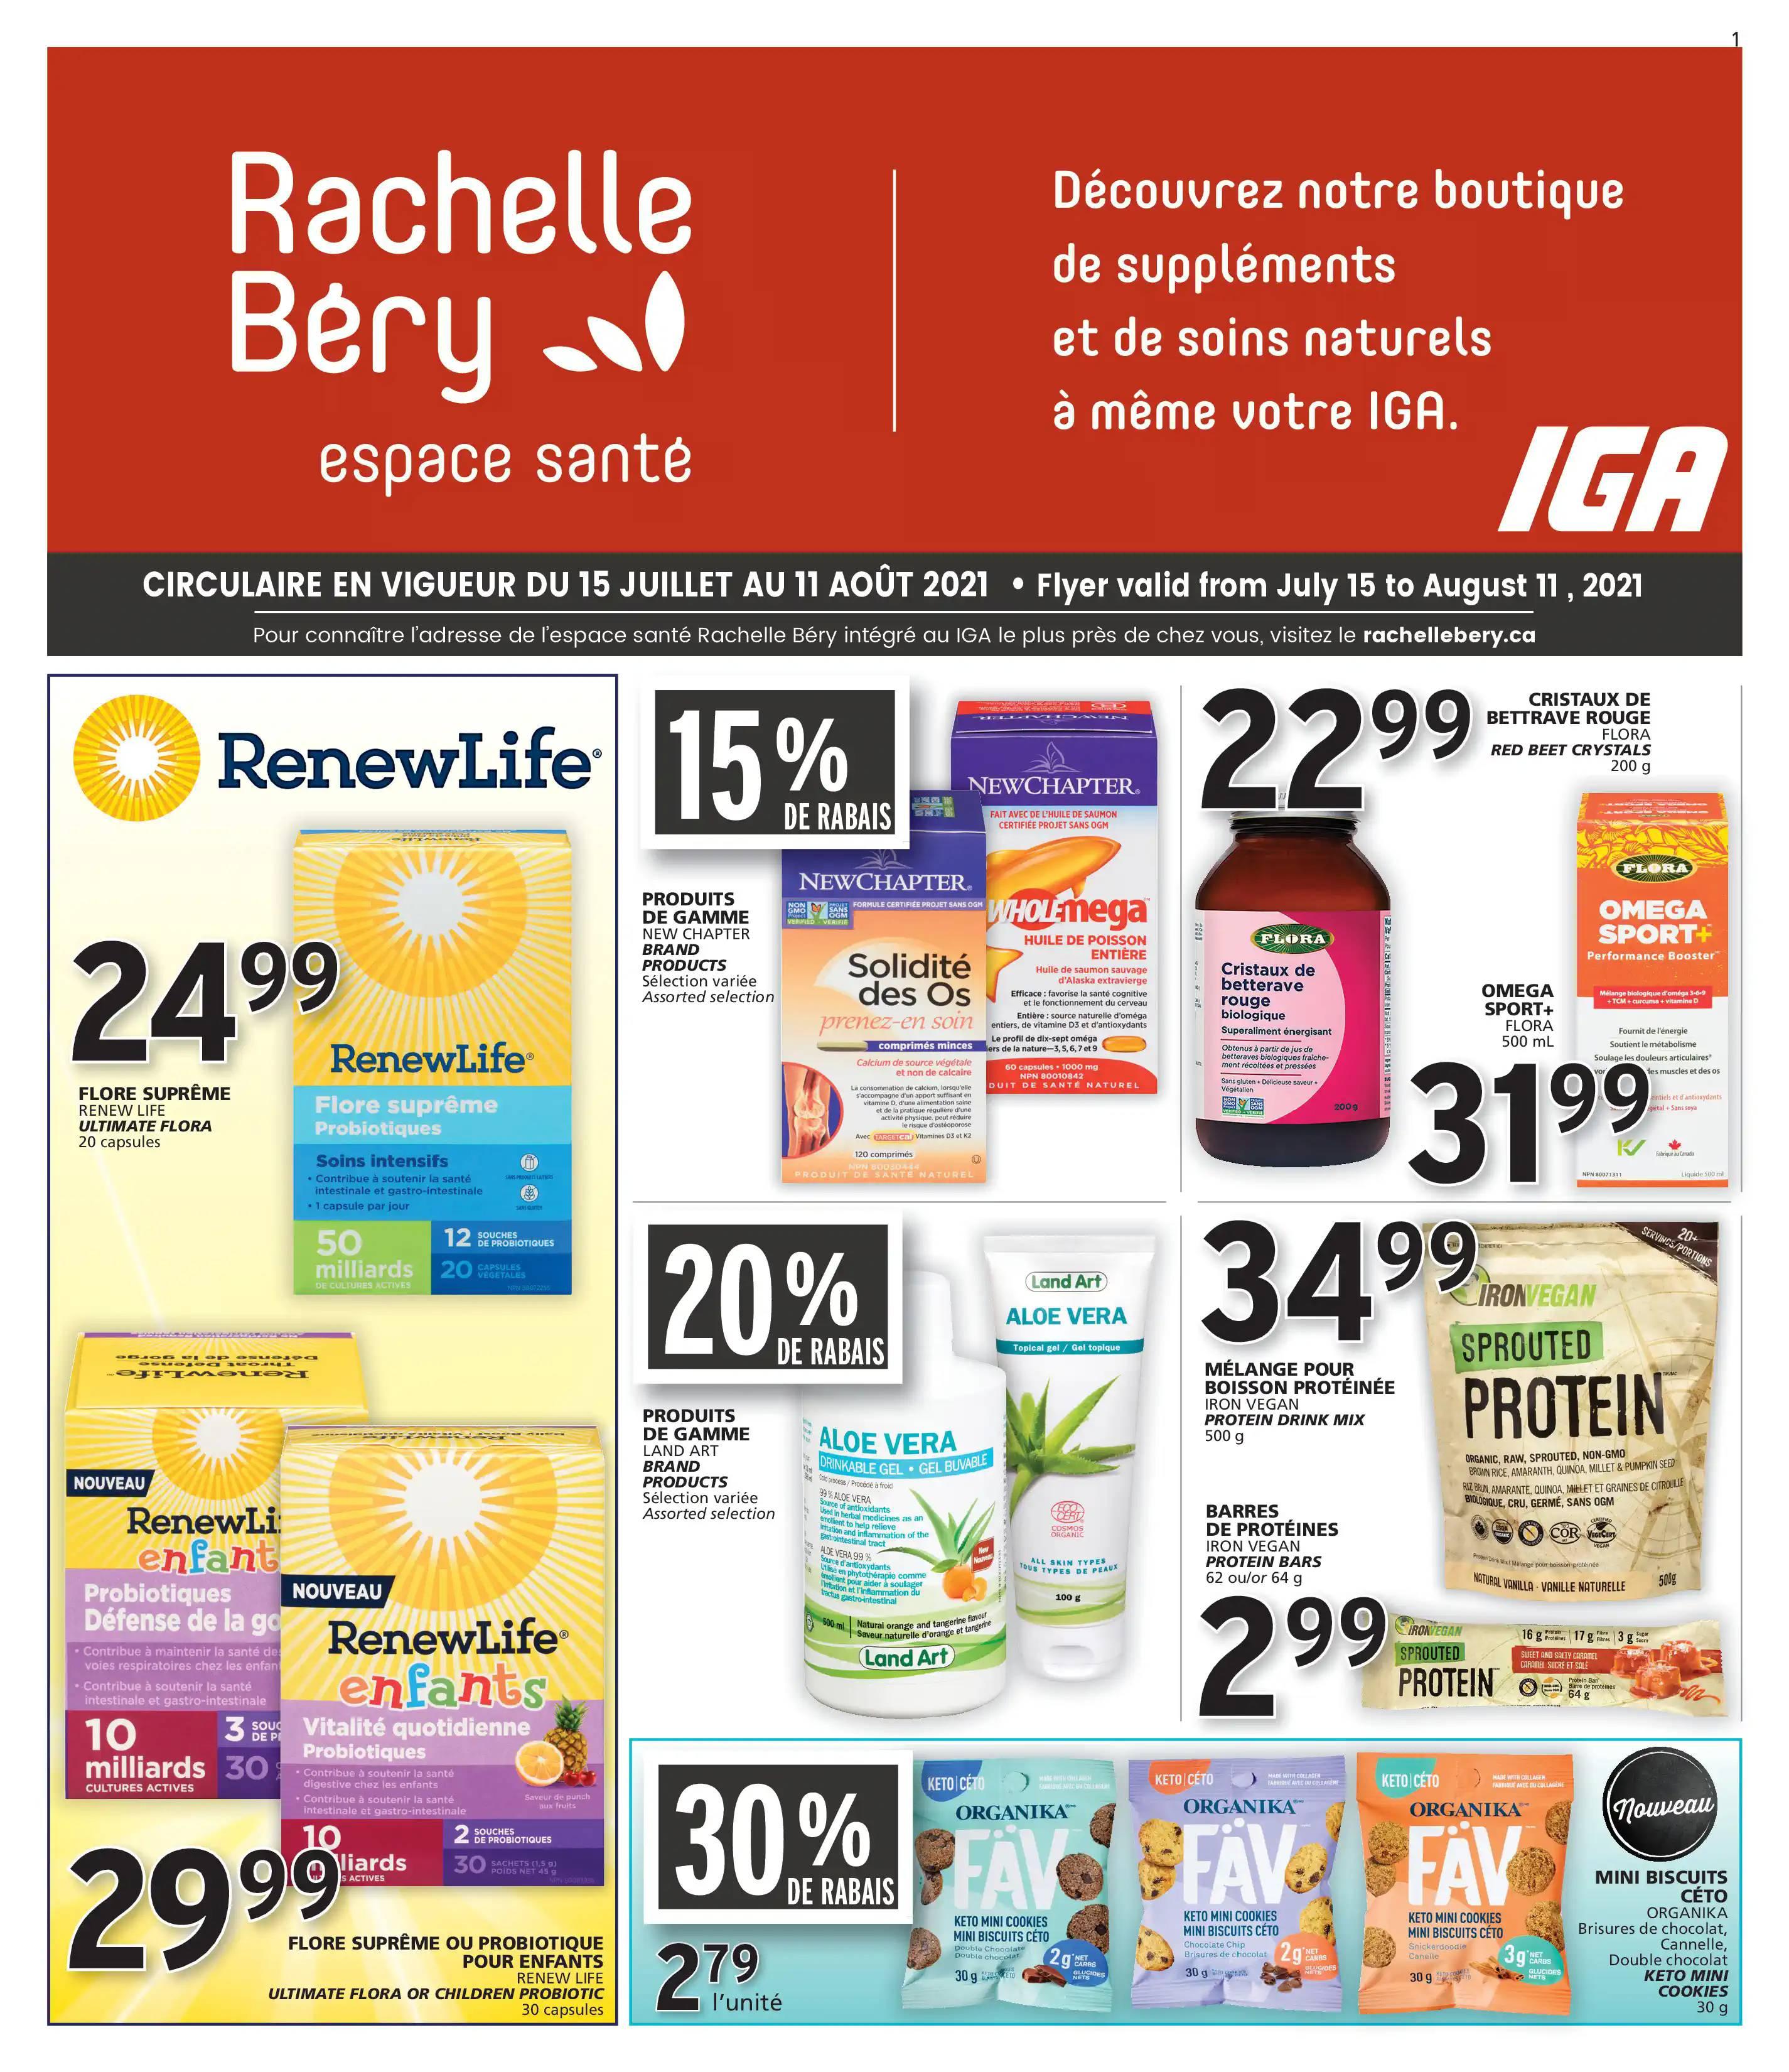 Circulaire Rachelle-Bery - Espace Santé du 15 Juillet au 11 Août 2021 - Page 1